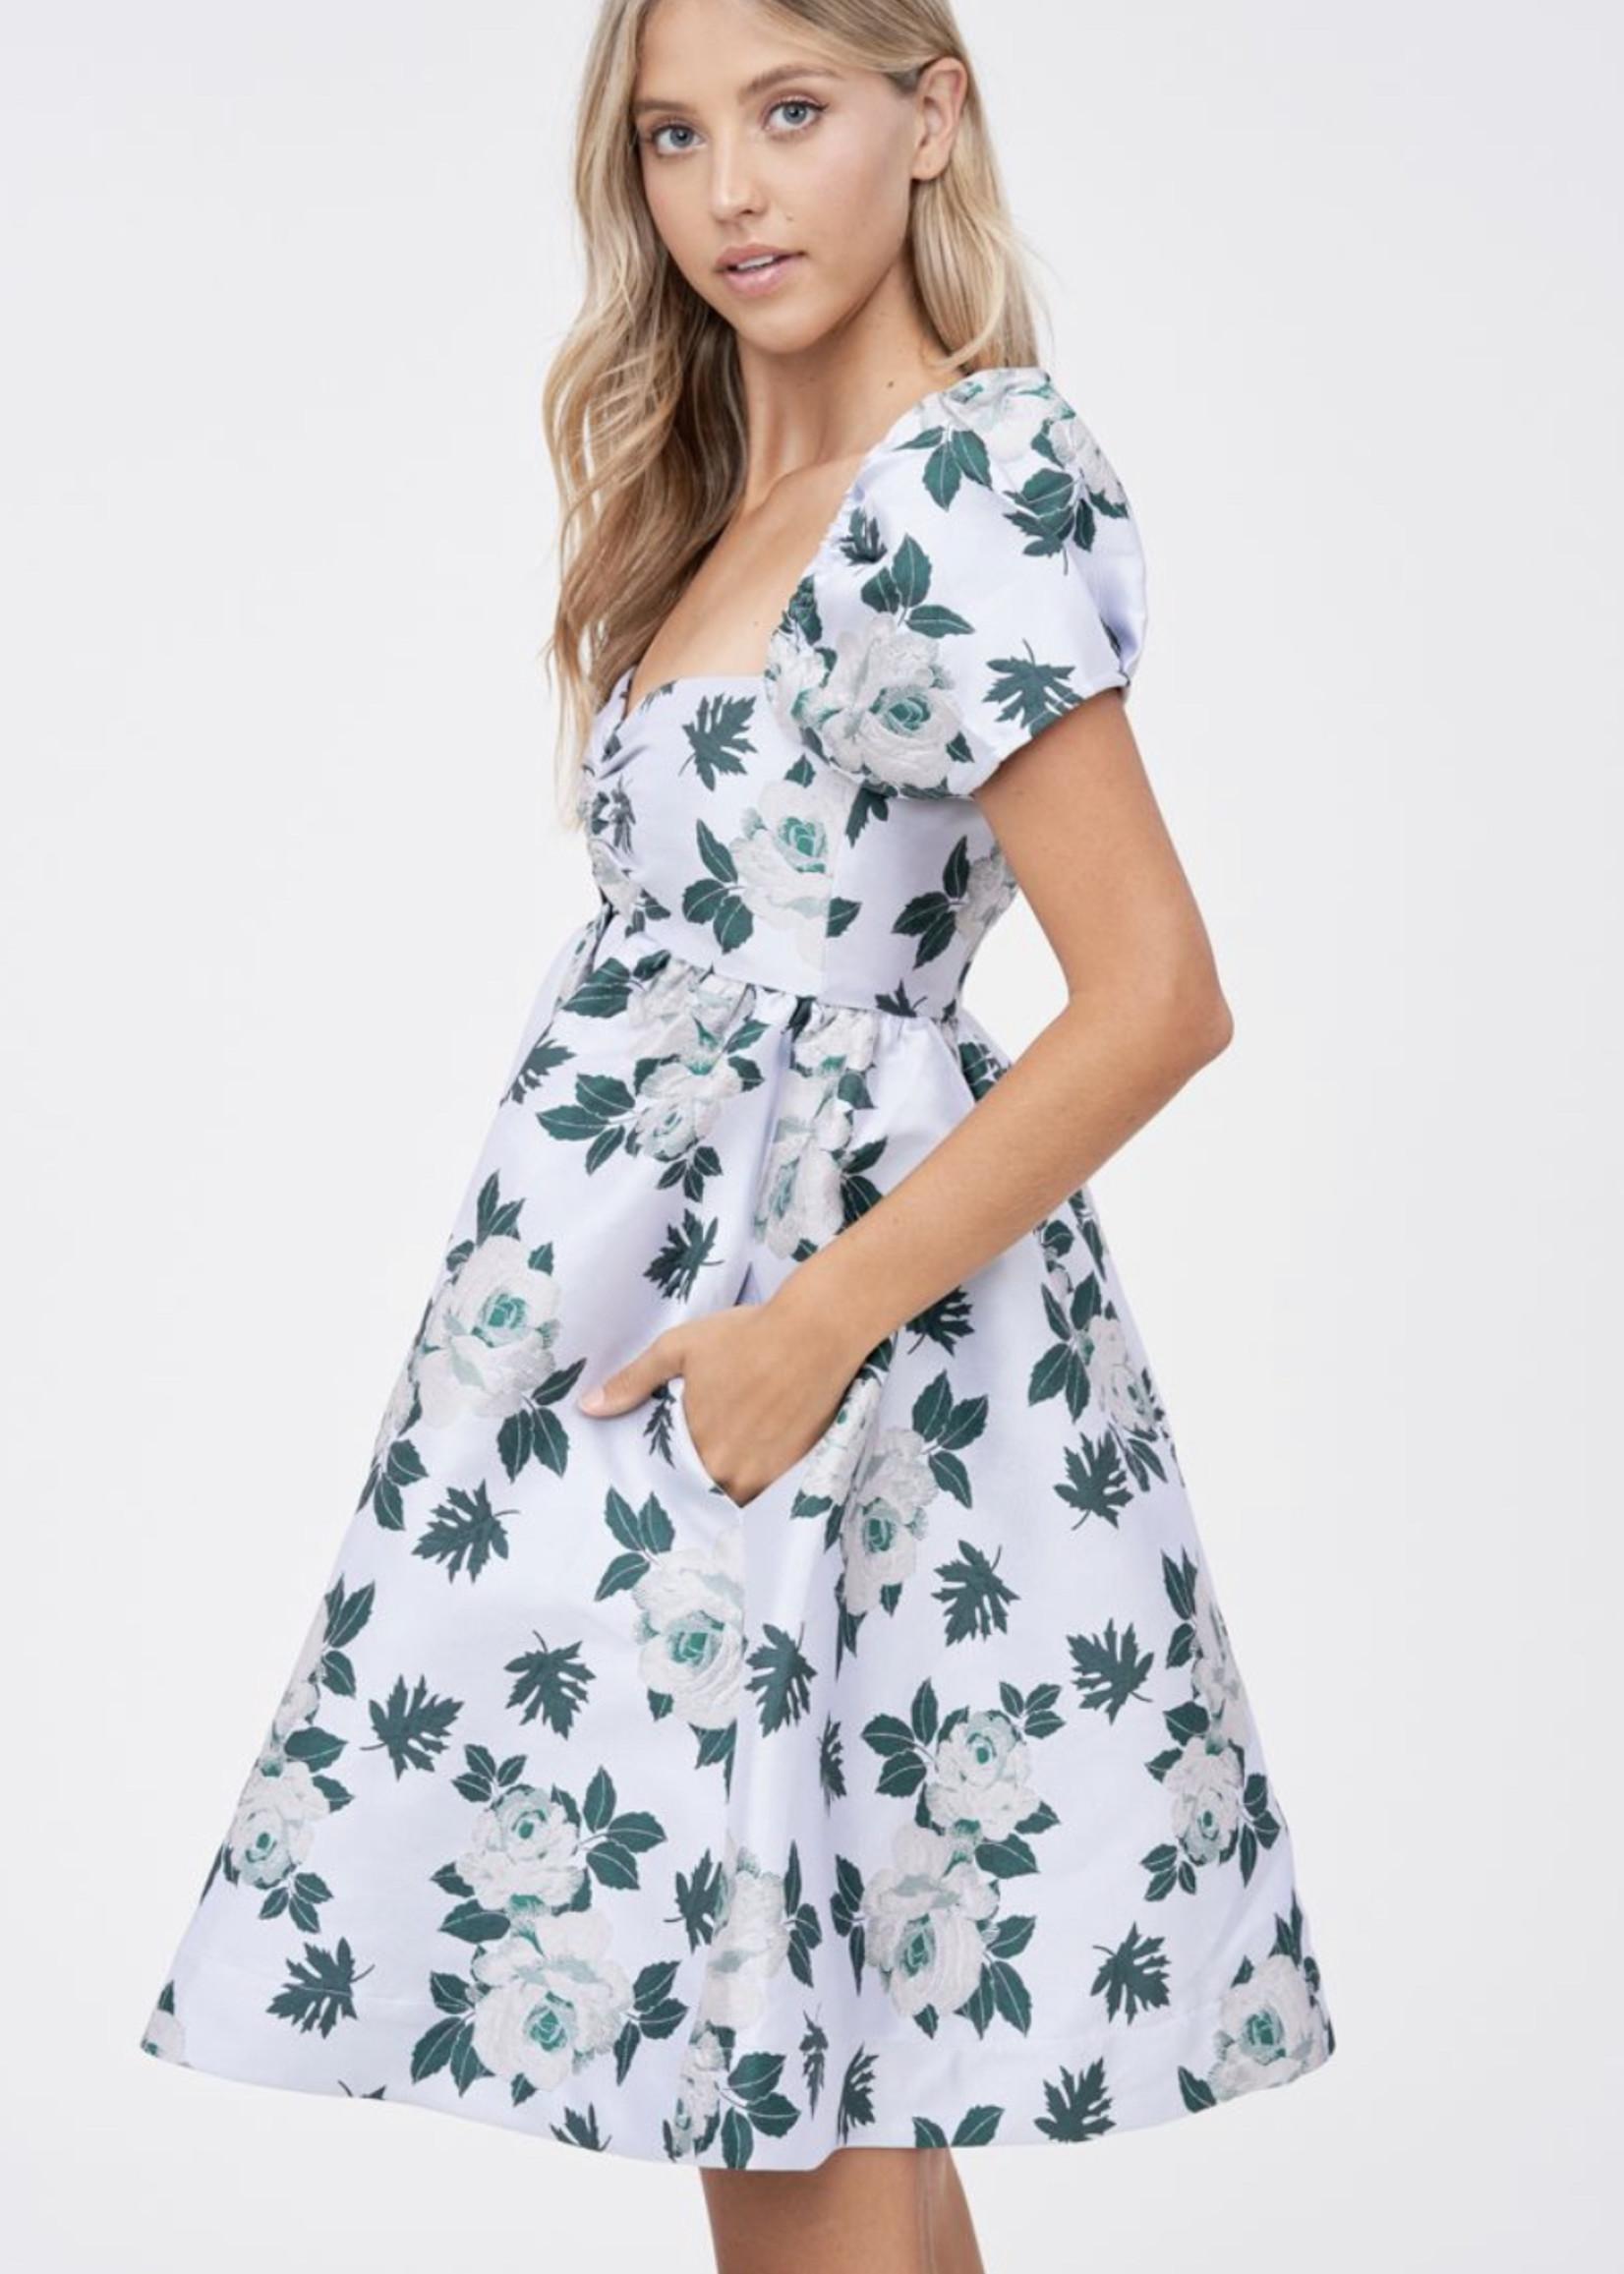 Elitaire Boutique Floral Jacquard Dress